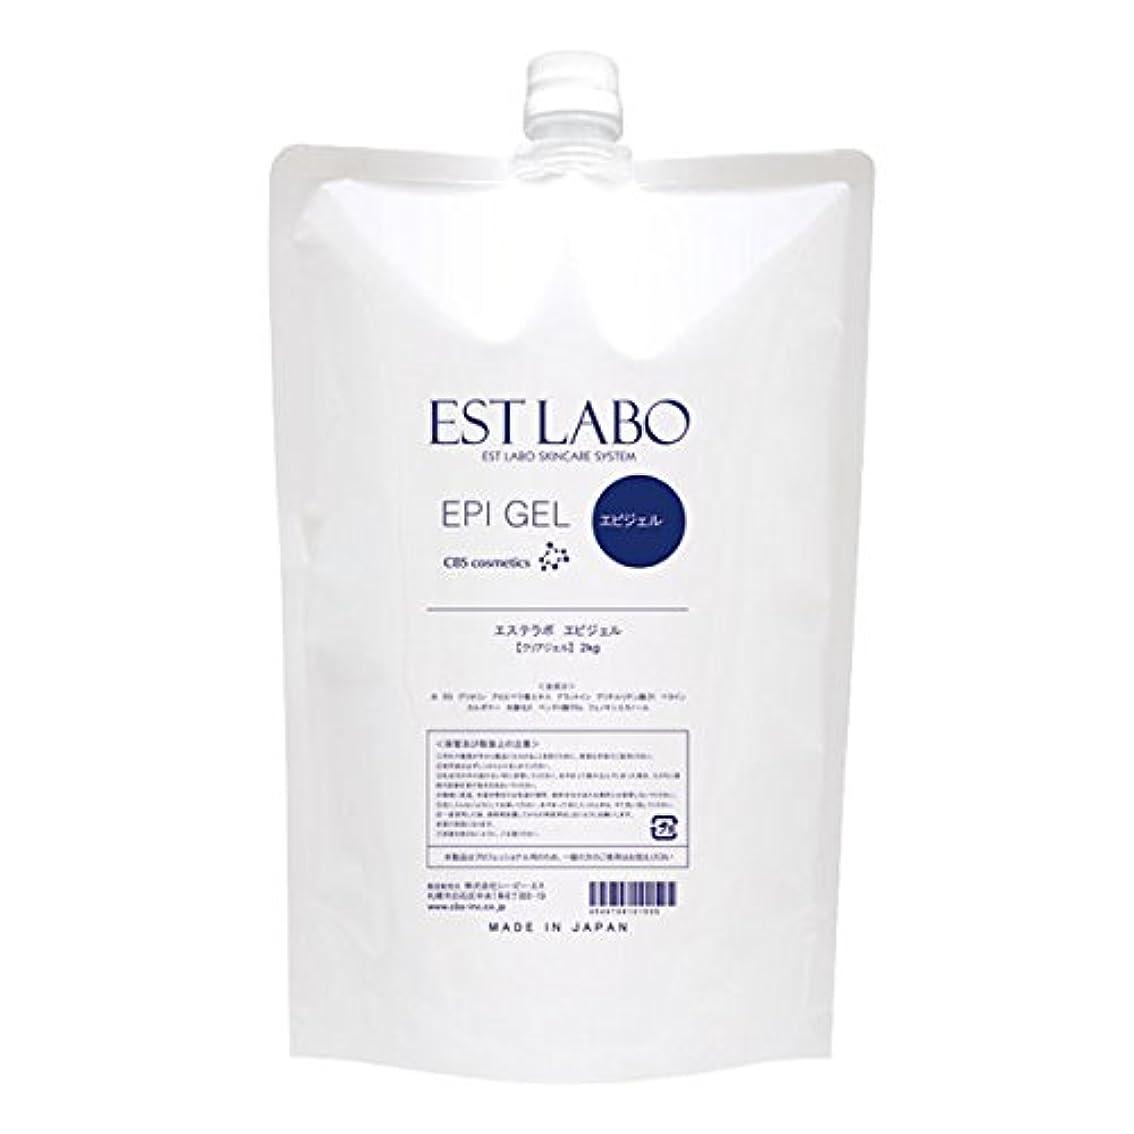 致死ホイップ新しさ脱毛 EST LABO エピジェル(1袋?2kg)×2 合計2袋?4kg 業務用